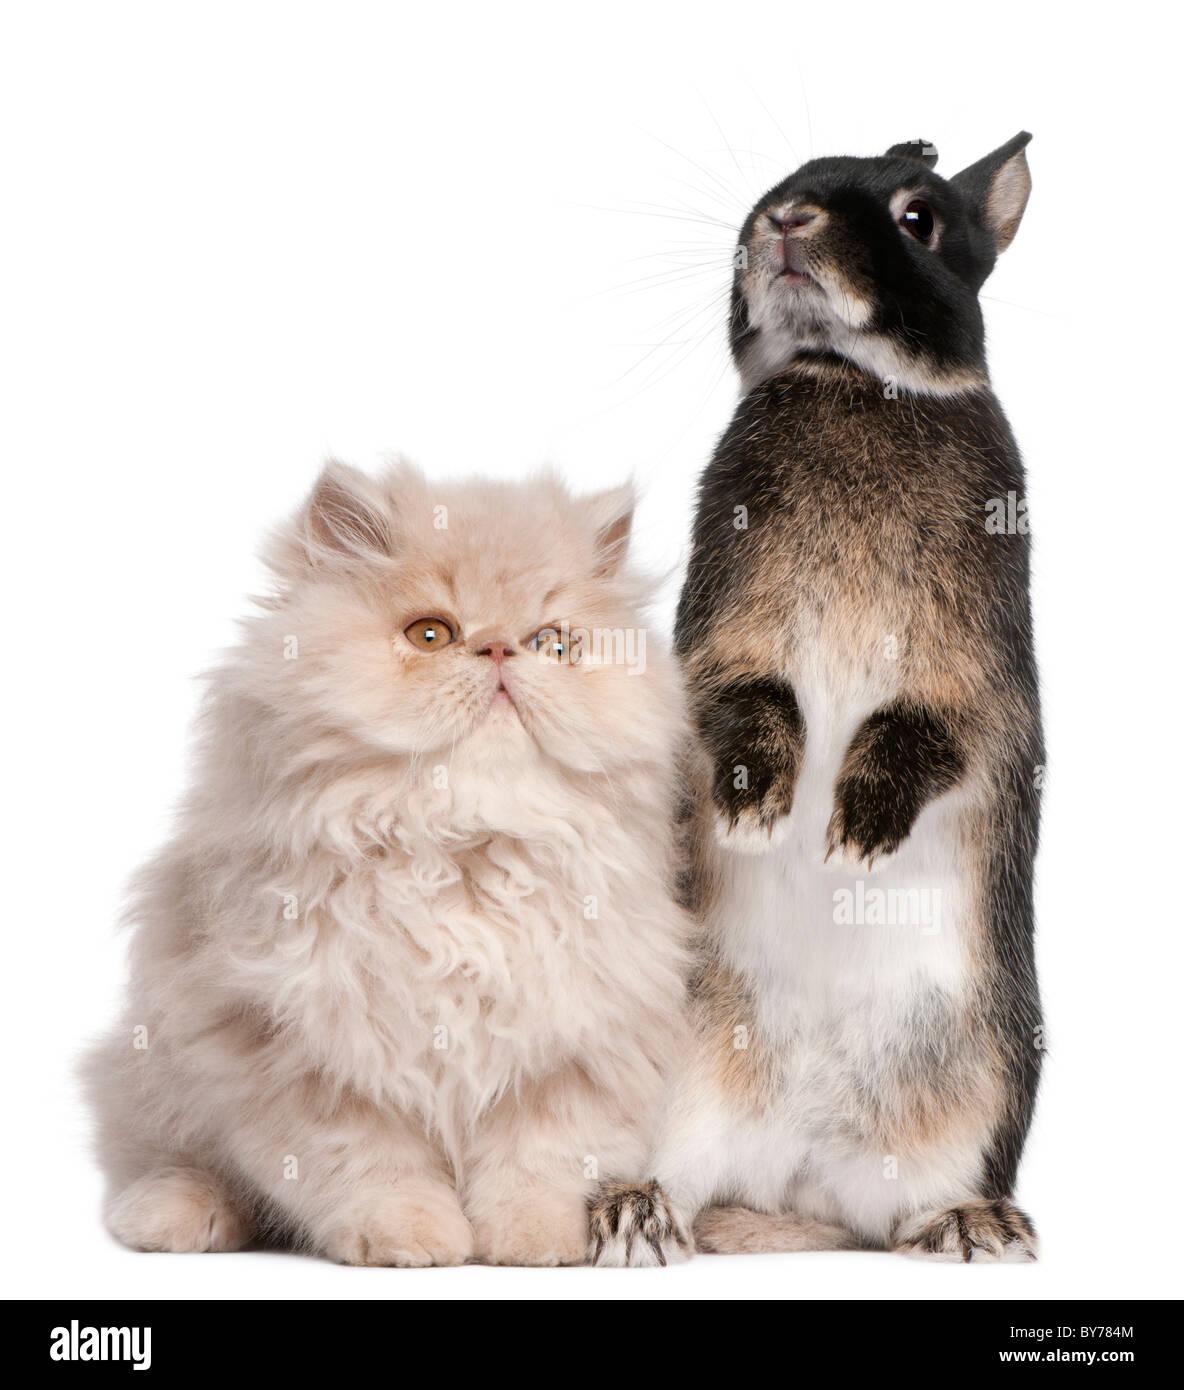 Giovani gatto persiano e il coniglio di fronte a uno sfondo bianco Immagini Stock